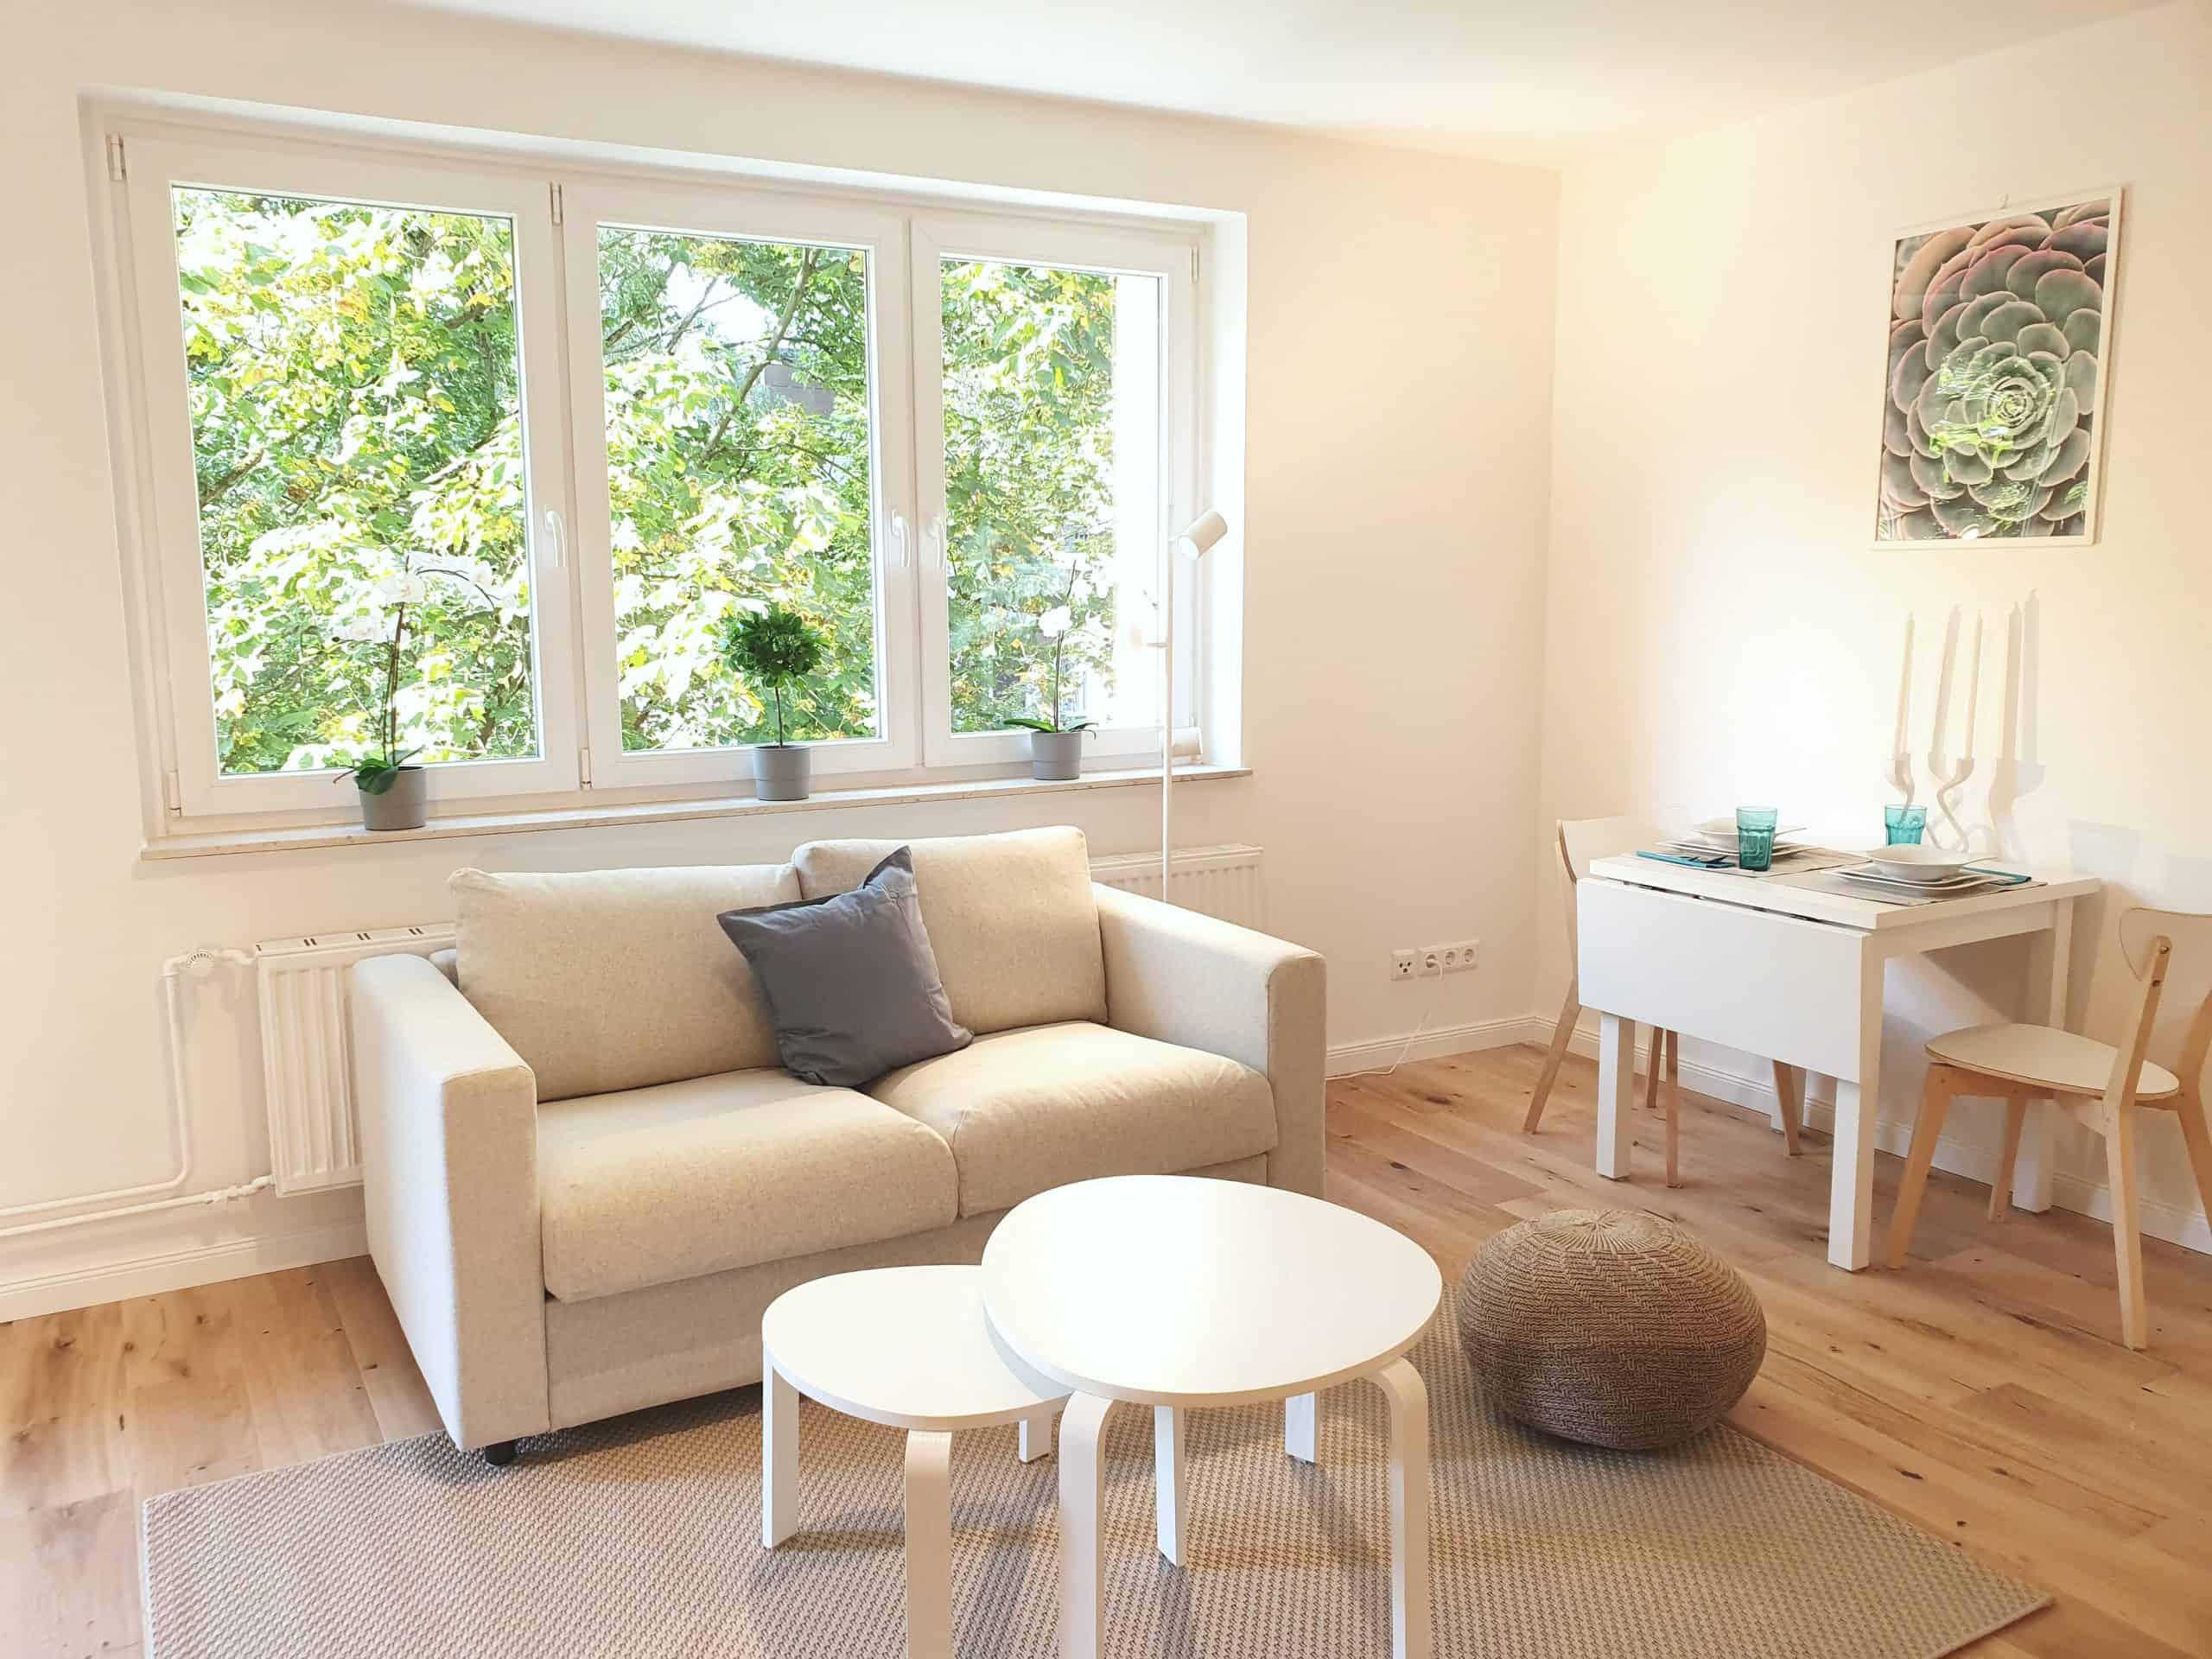 Provisionsfrei: 1 Zimmer Wohnung nahe UKE, Sofa und Essecke